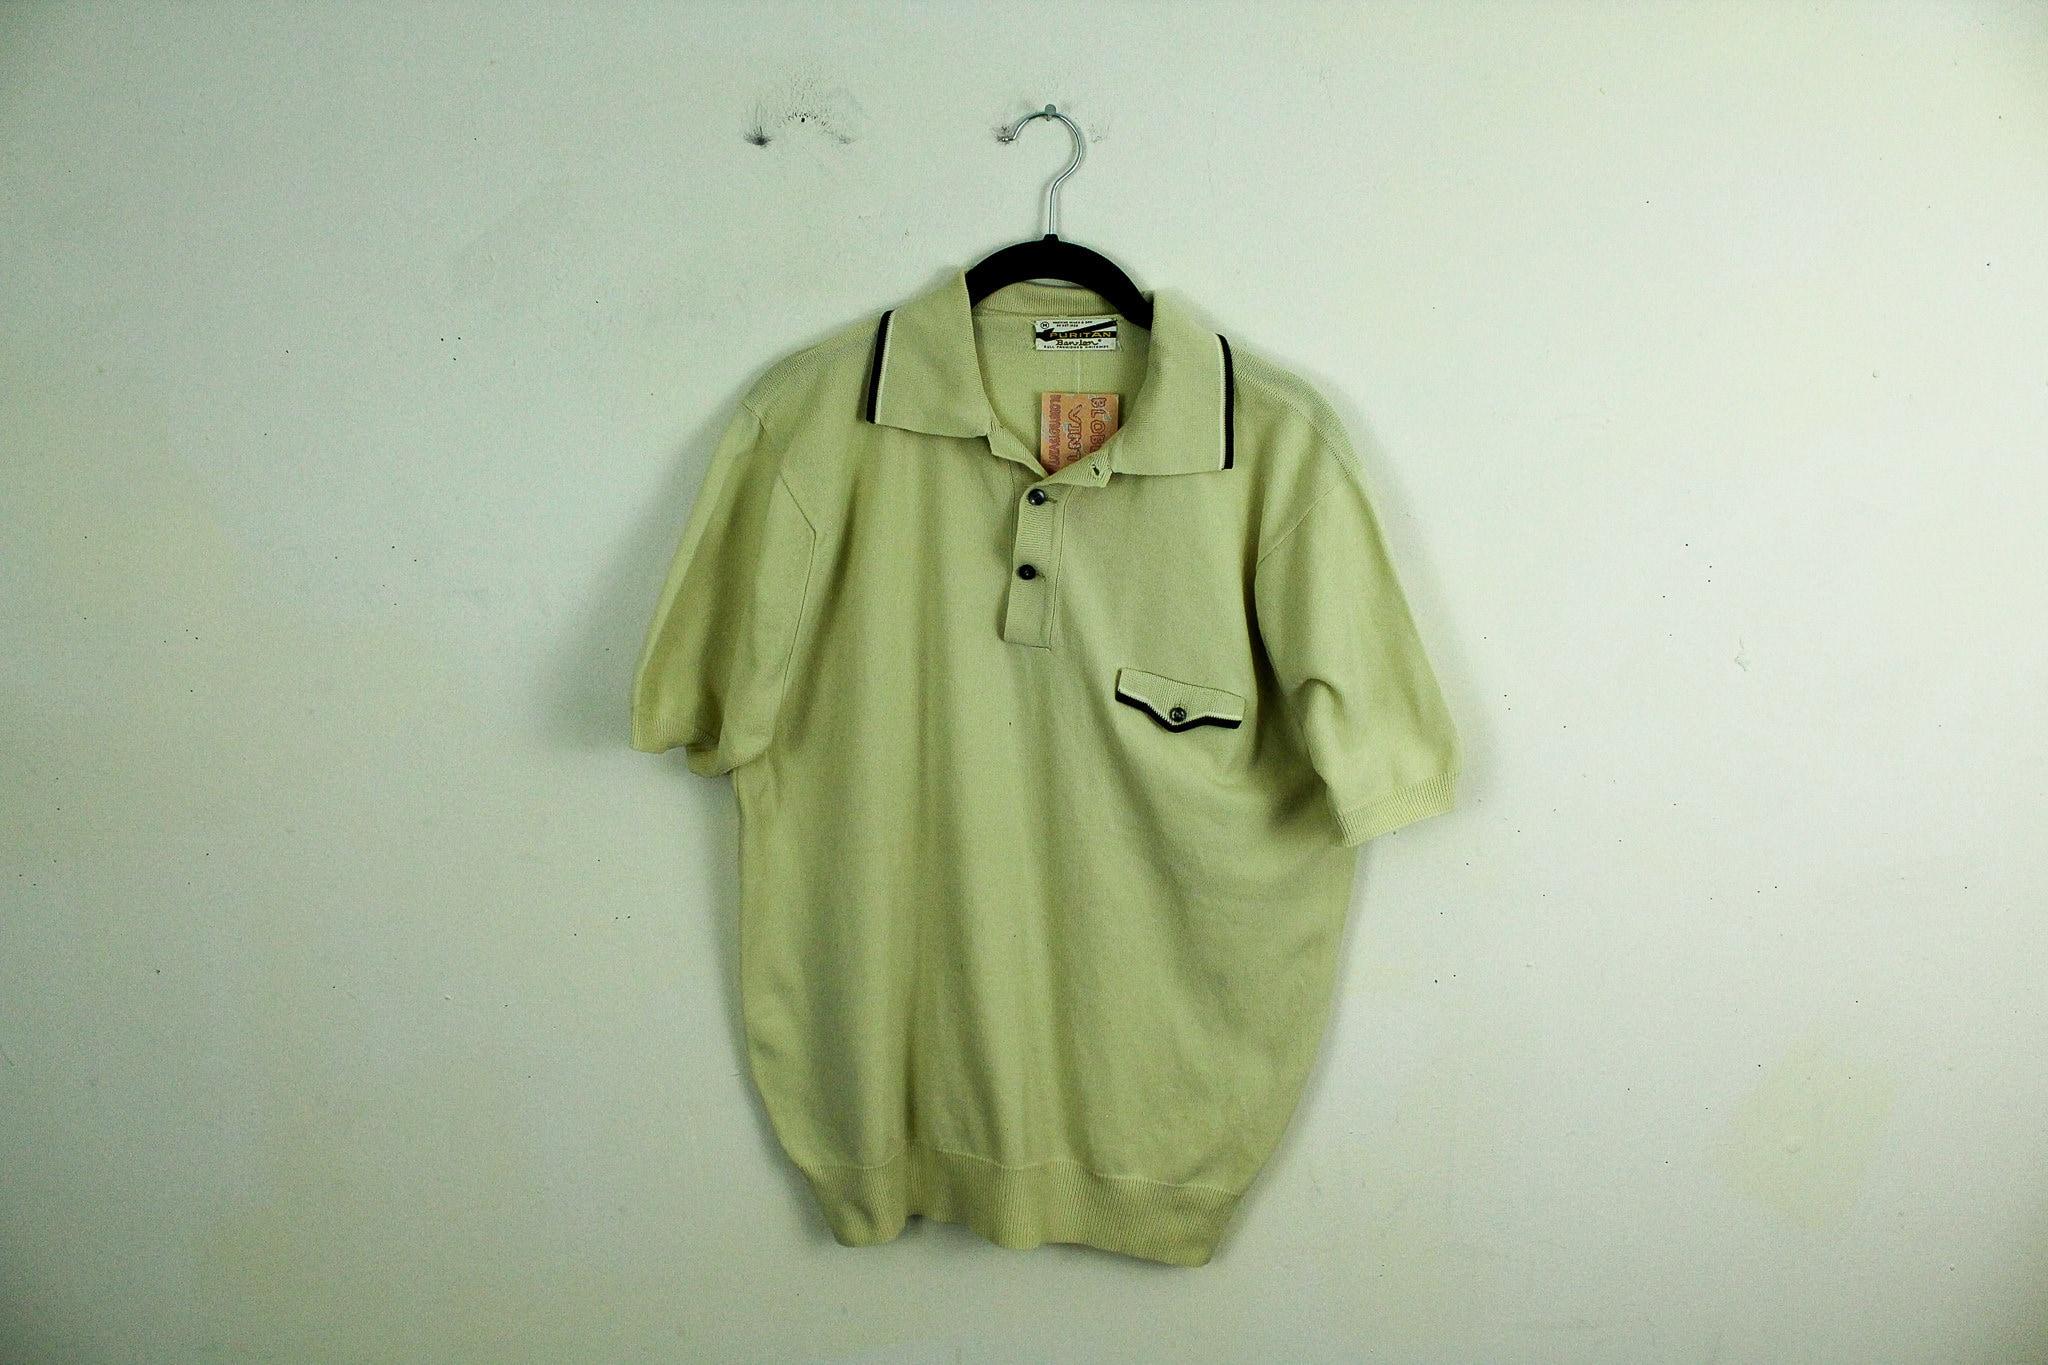 Vintage 1950s Puritan Polo Short Sleeve Shirt Button Neck Etsy